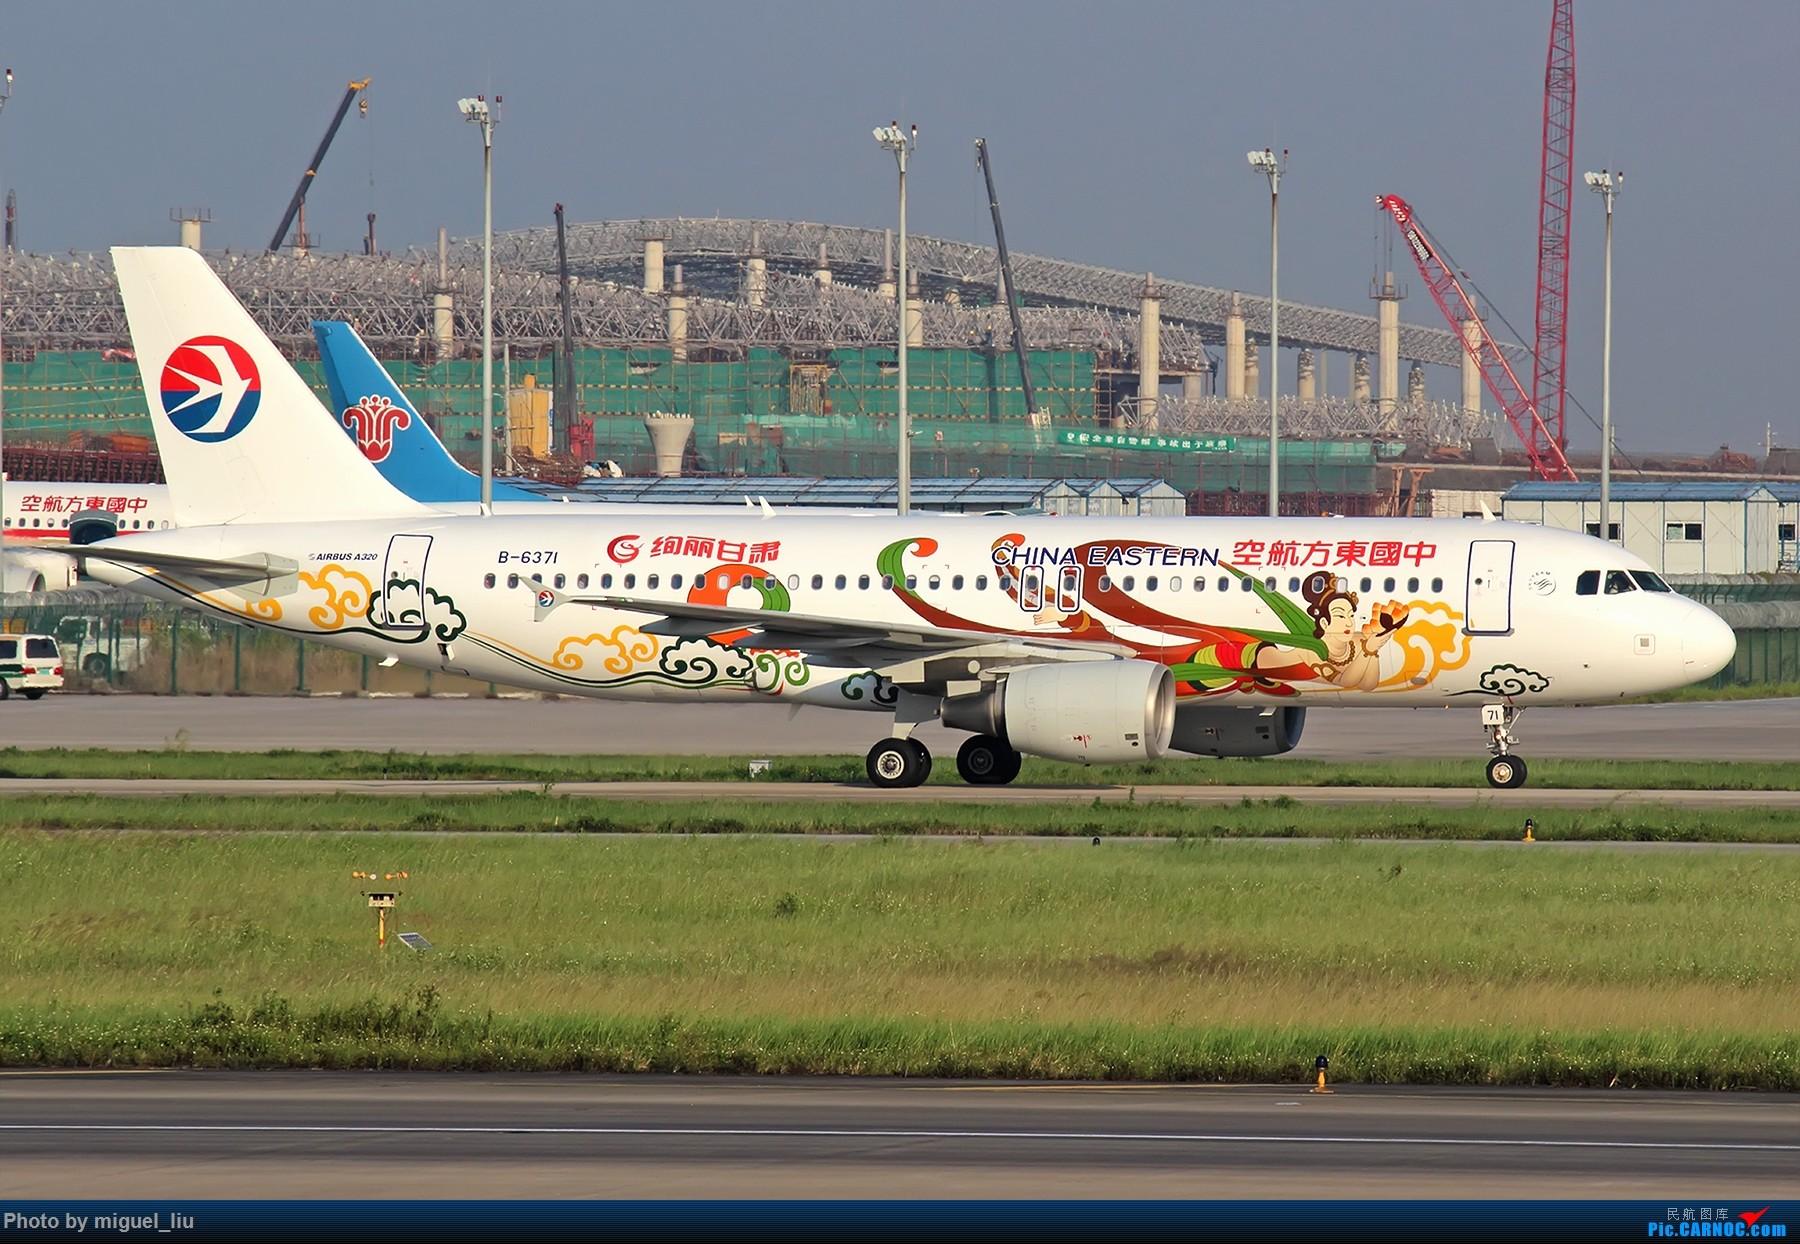 飞机起飞降落视频_广州白云国际机场,东方航空起飞实拍视频 _网络排行榜